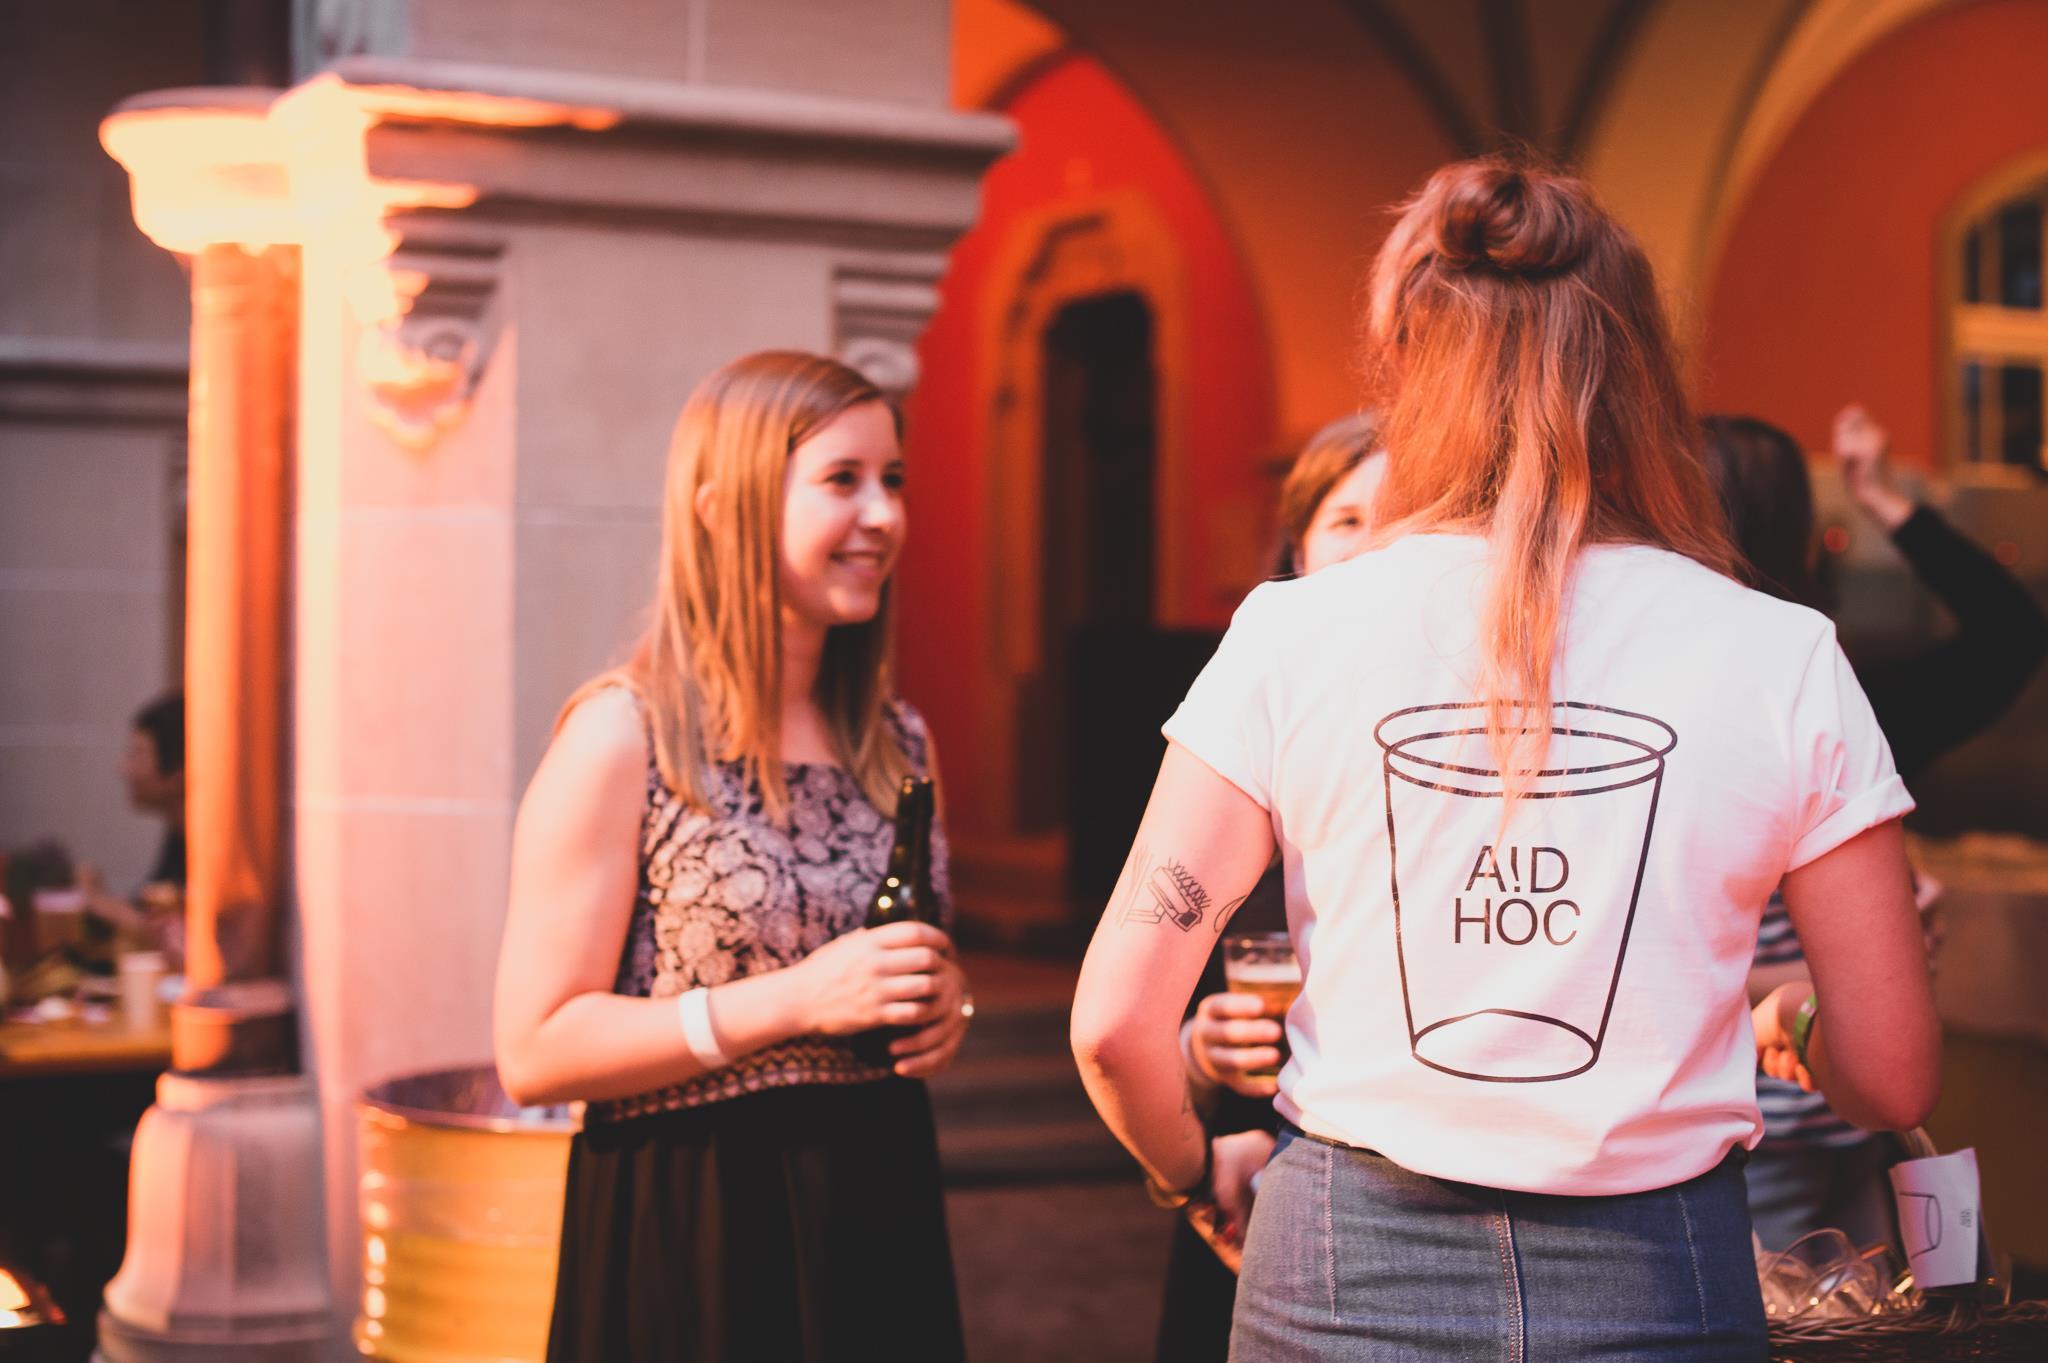 Depotbecher Spenden am Kulturfestival St.Gallen